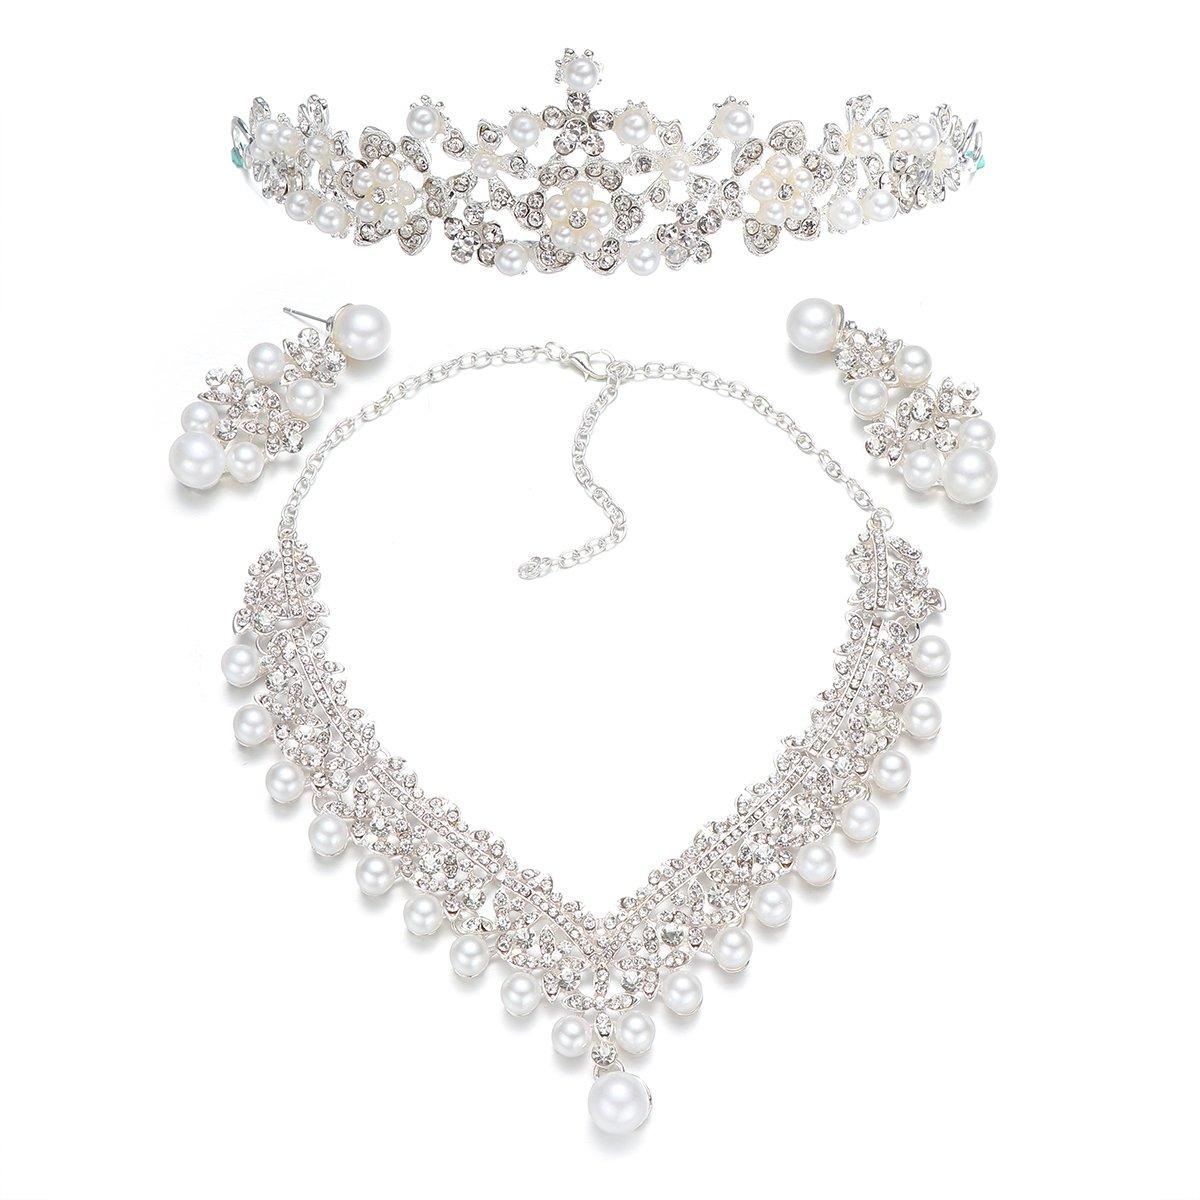 Wedding Pearl Crown Tiara Flower Rhinestone Crystal Neckalce and Earrings Bridal Jewelry Sets